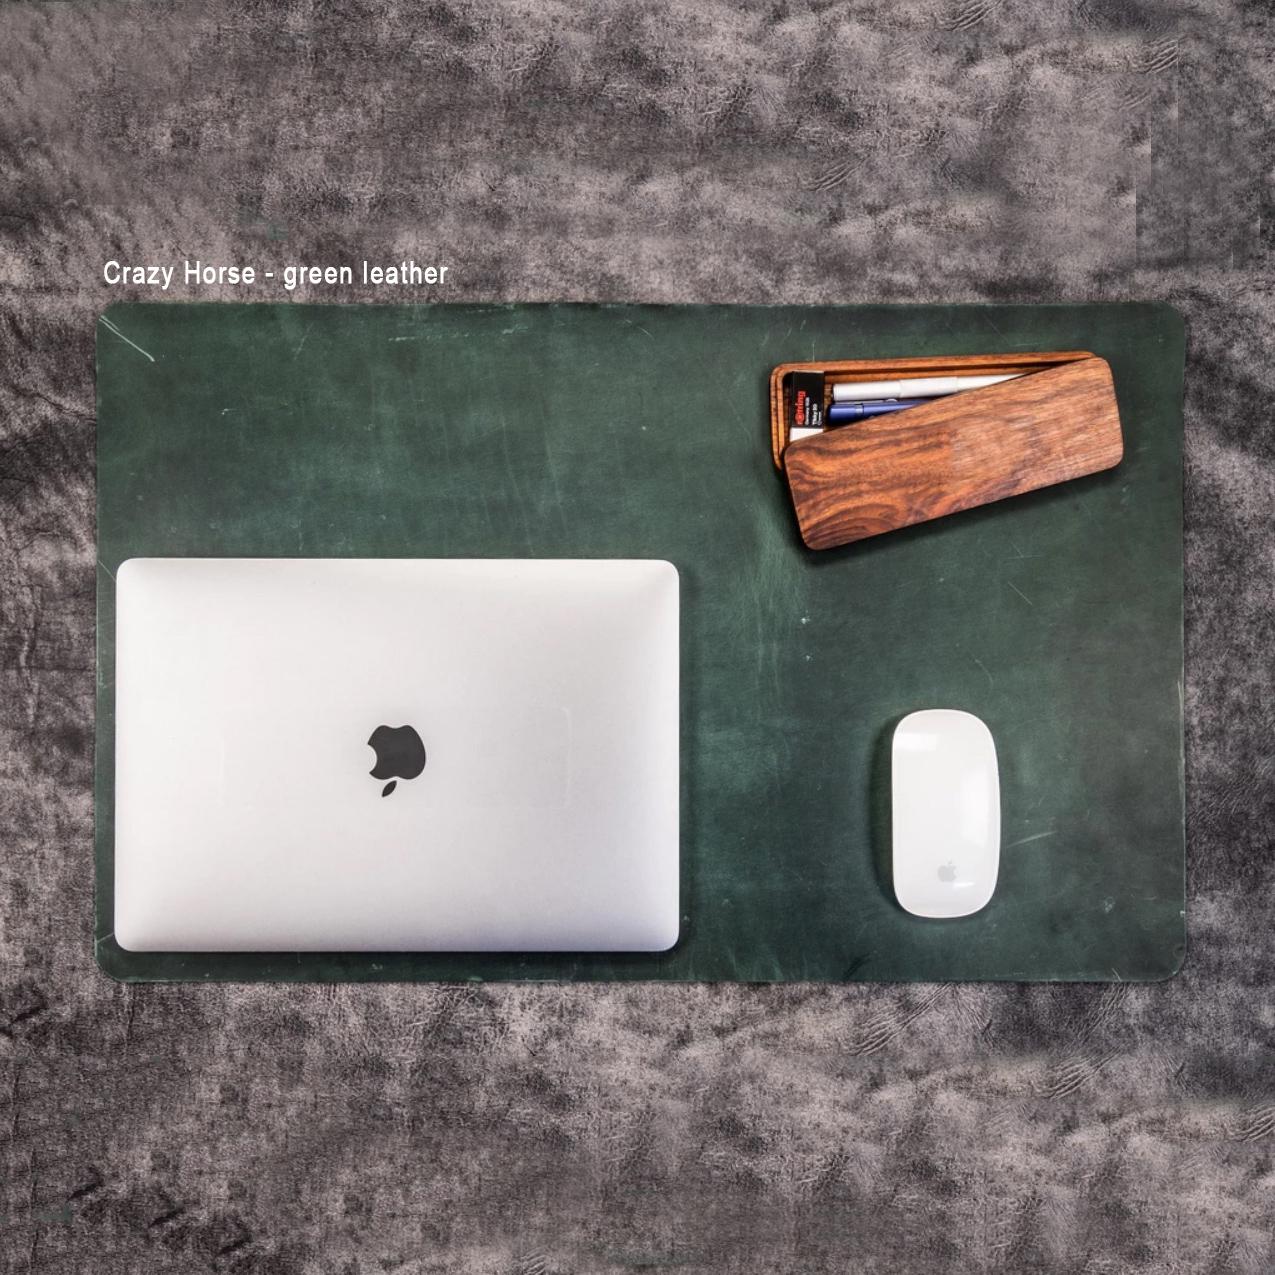 5 dovanos vyrams   verslo dovana naturalios odos ranku darbo laptop kompiuterio  padas stalo uztiesimas   51 copy